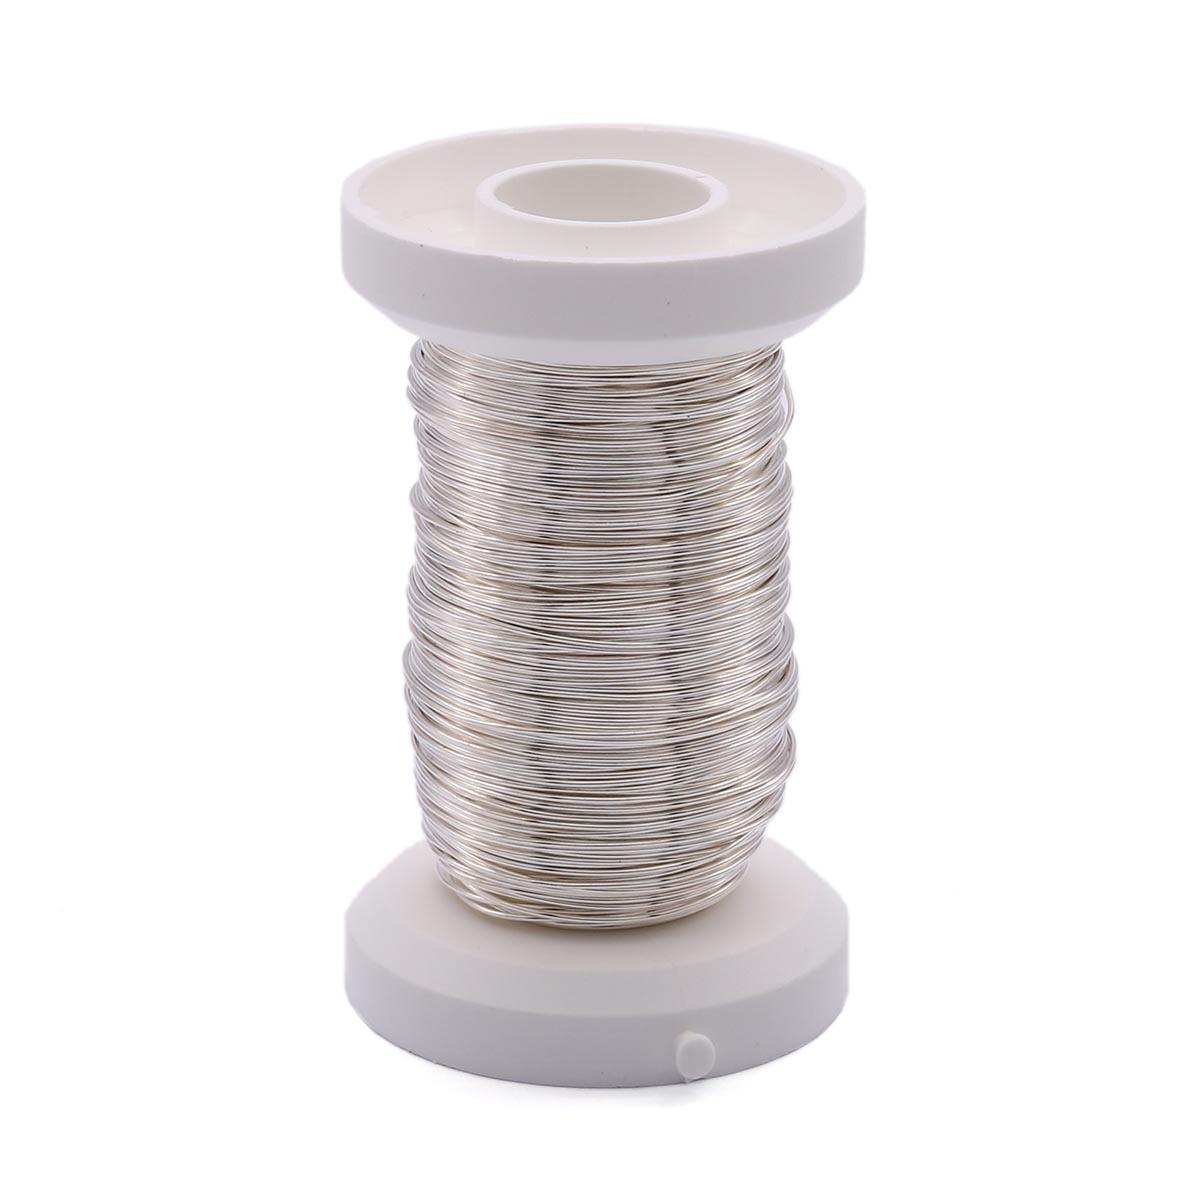 62220109 Проволока серебрянная ,толщ.0,4мм,40м Glorex